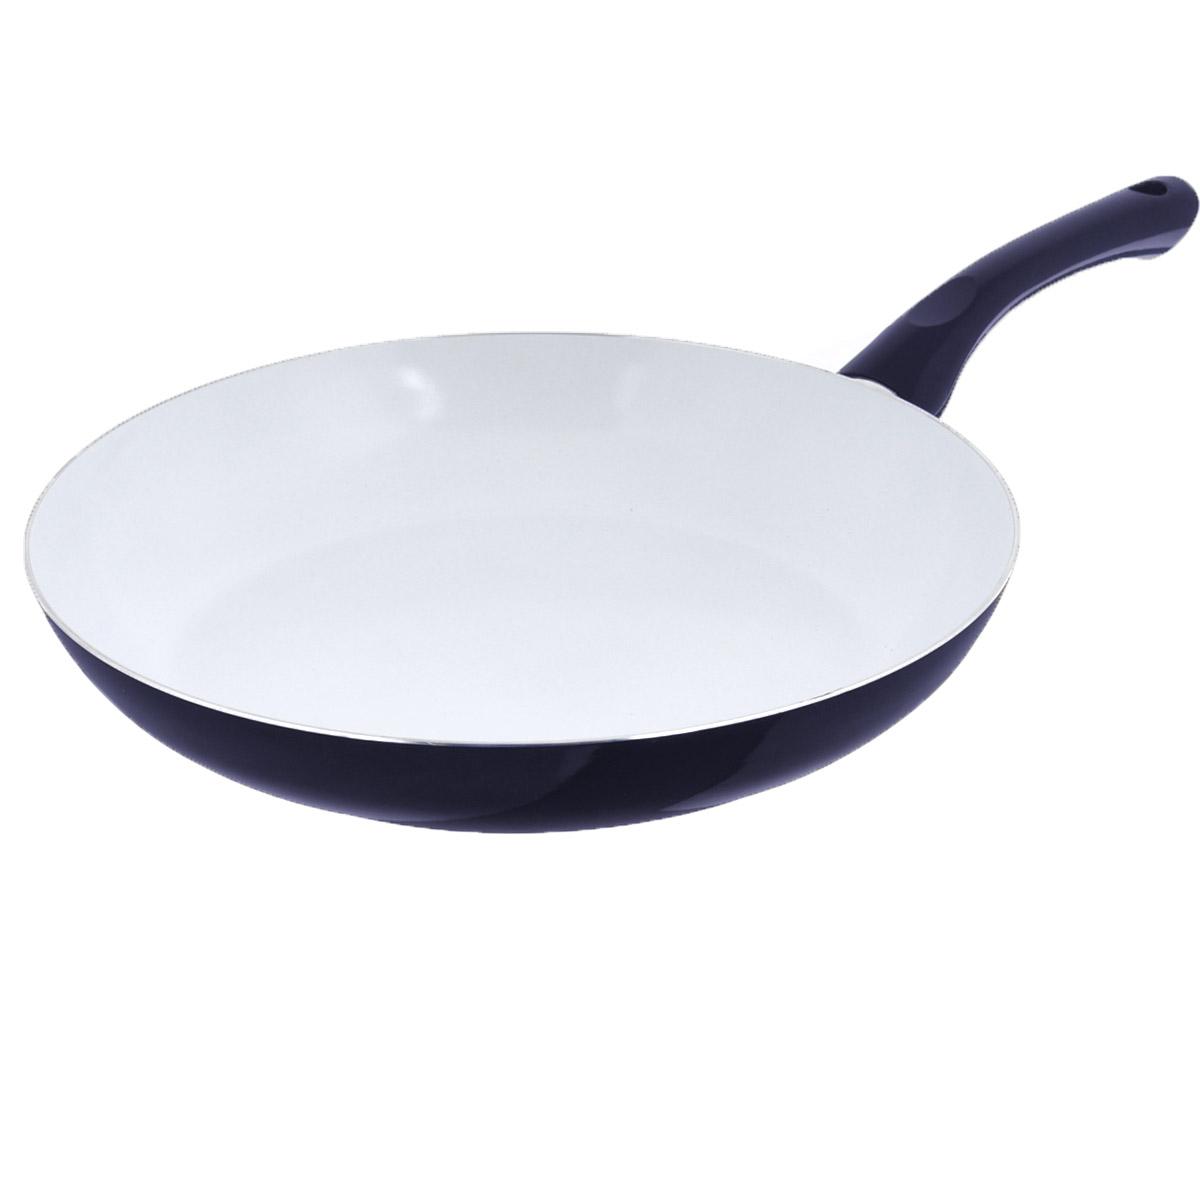 Сковорода Bekker, с антипригарным покрытием, цвет: темно-синий. Диаметр 30 см. BK-3705BK-3705Сковорода Bekker изготовлена из алюминия с внутренним антипригарным керамическим покрытием. Благодаря этому пища не пригорает и не прилипает к стенкам. Готовить можно с минимальным количеством масла и жиров. Гладкая поверхность обеспечивает легкость ухода за посудой. Внешнее покрытие - цветной жаростойкий лак. Изделие оснащено удобной бакелитовой ручкой, которая не нагревается в процессе готовки.Сковорода подходит для использования на всех типах кухонных плит, кроме индукционных, а также ее можно мыть в посудомоечной машине.